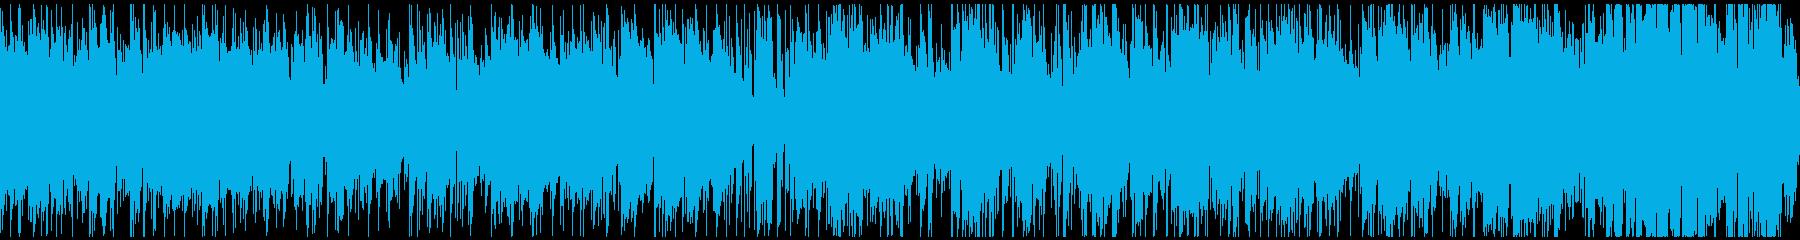 ランチタイムのカフェ的ボサノバ※ループ版の再生済みの波形